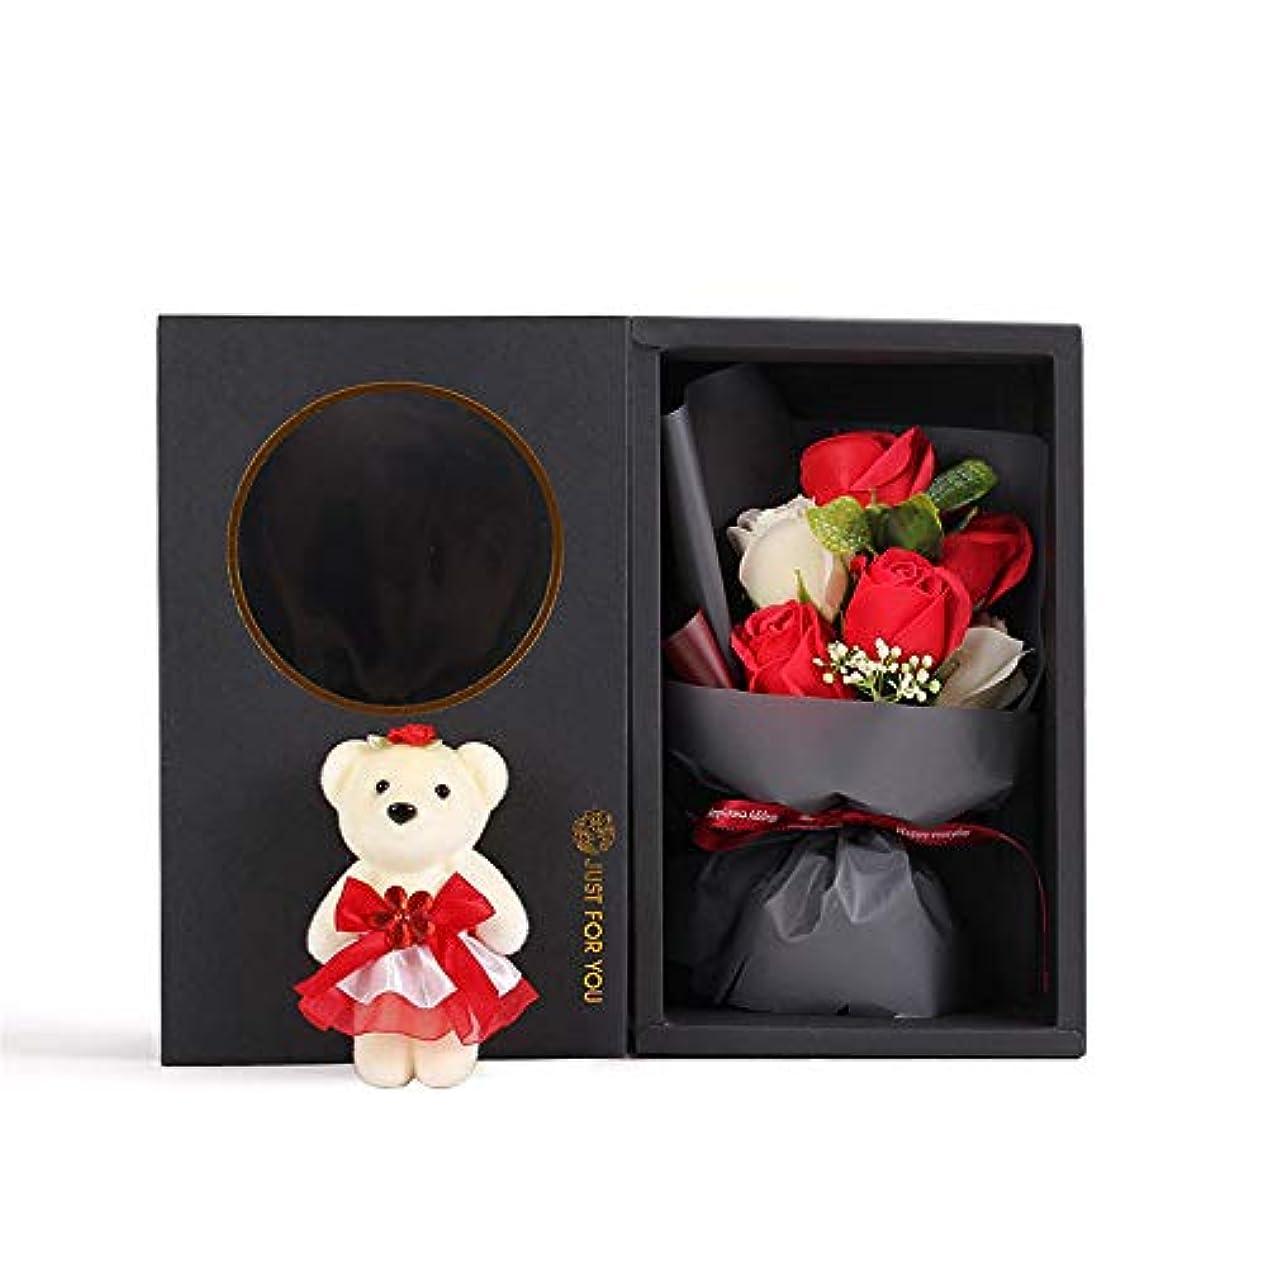 ぐったり扇動キャリッジ手作り6石鹸花の花束ギフトボックス、女性のためのギフトあなたがバレンタインデー、母の日、結婚式、クリスマス、誕生日を愛した女の子(ベアカラーランダム) (色 : 赤)